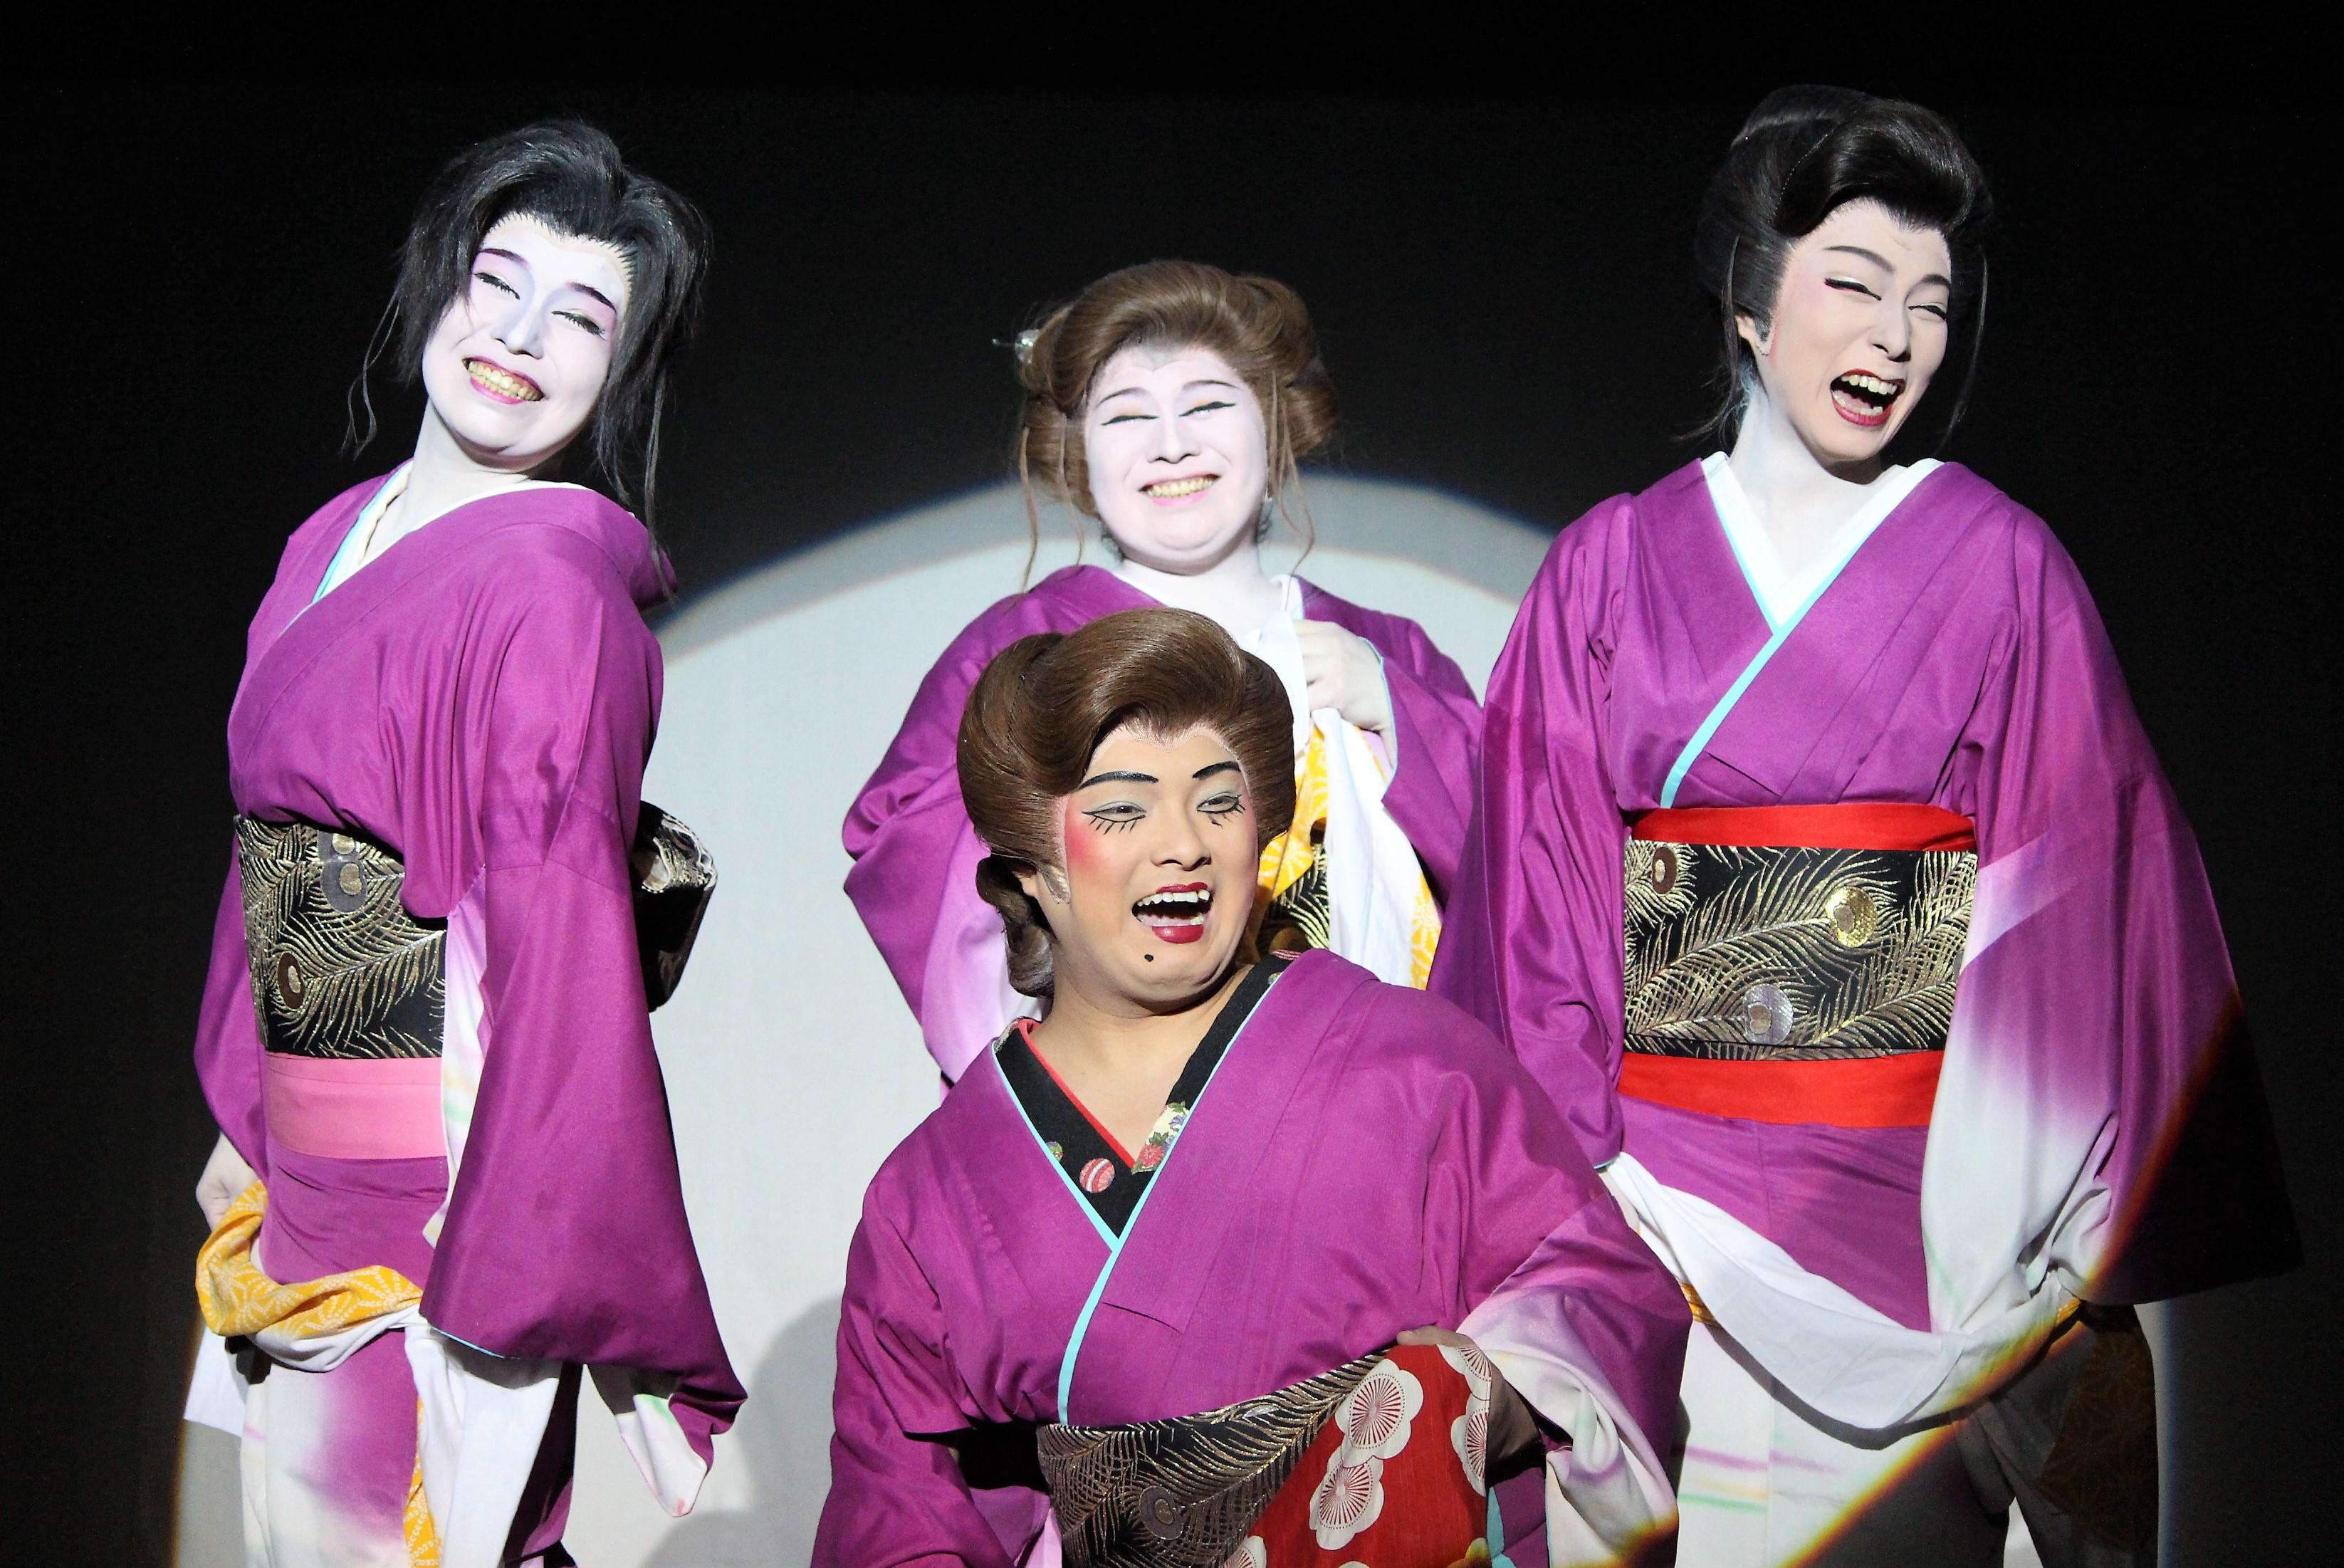 実力派ぞろいの女優陣。明るくパワフル! ※中央下は淺井春道(笑)